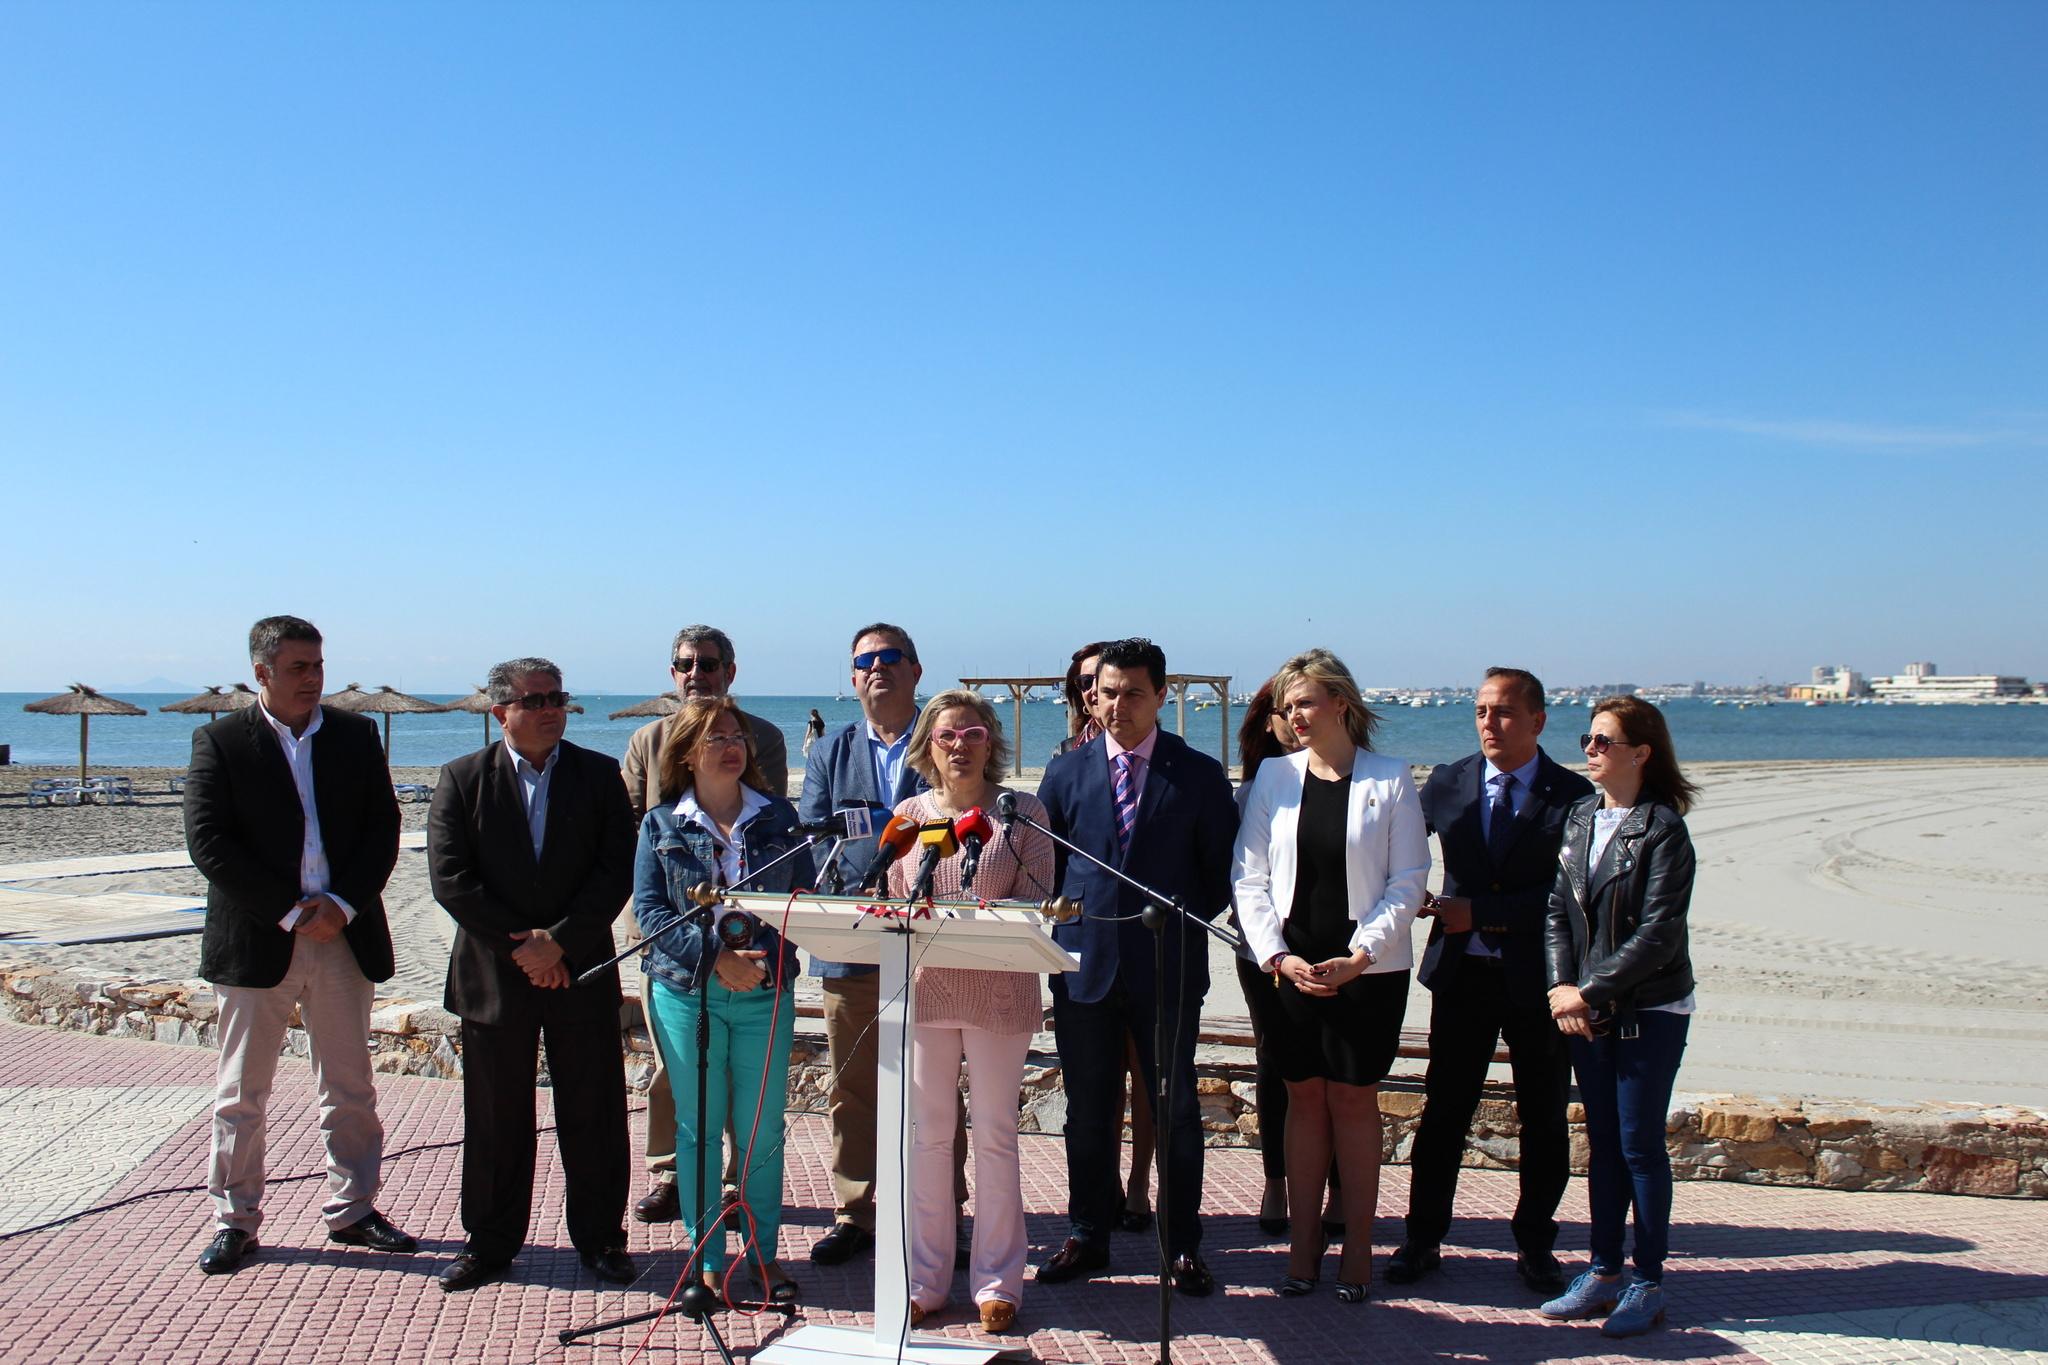 La consejera acompañada por alcaldes, concejales y miembros de su equipo directivo presenta los detalles del Decreto-Ley de medidas urgentes para garantizar la sostenibilidad en el entorno del Mar Menor. Imagen: CARM